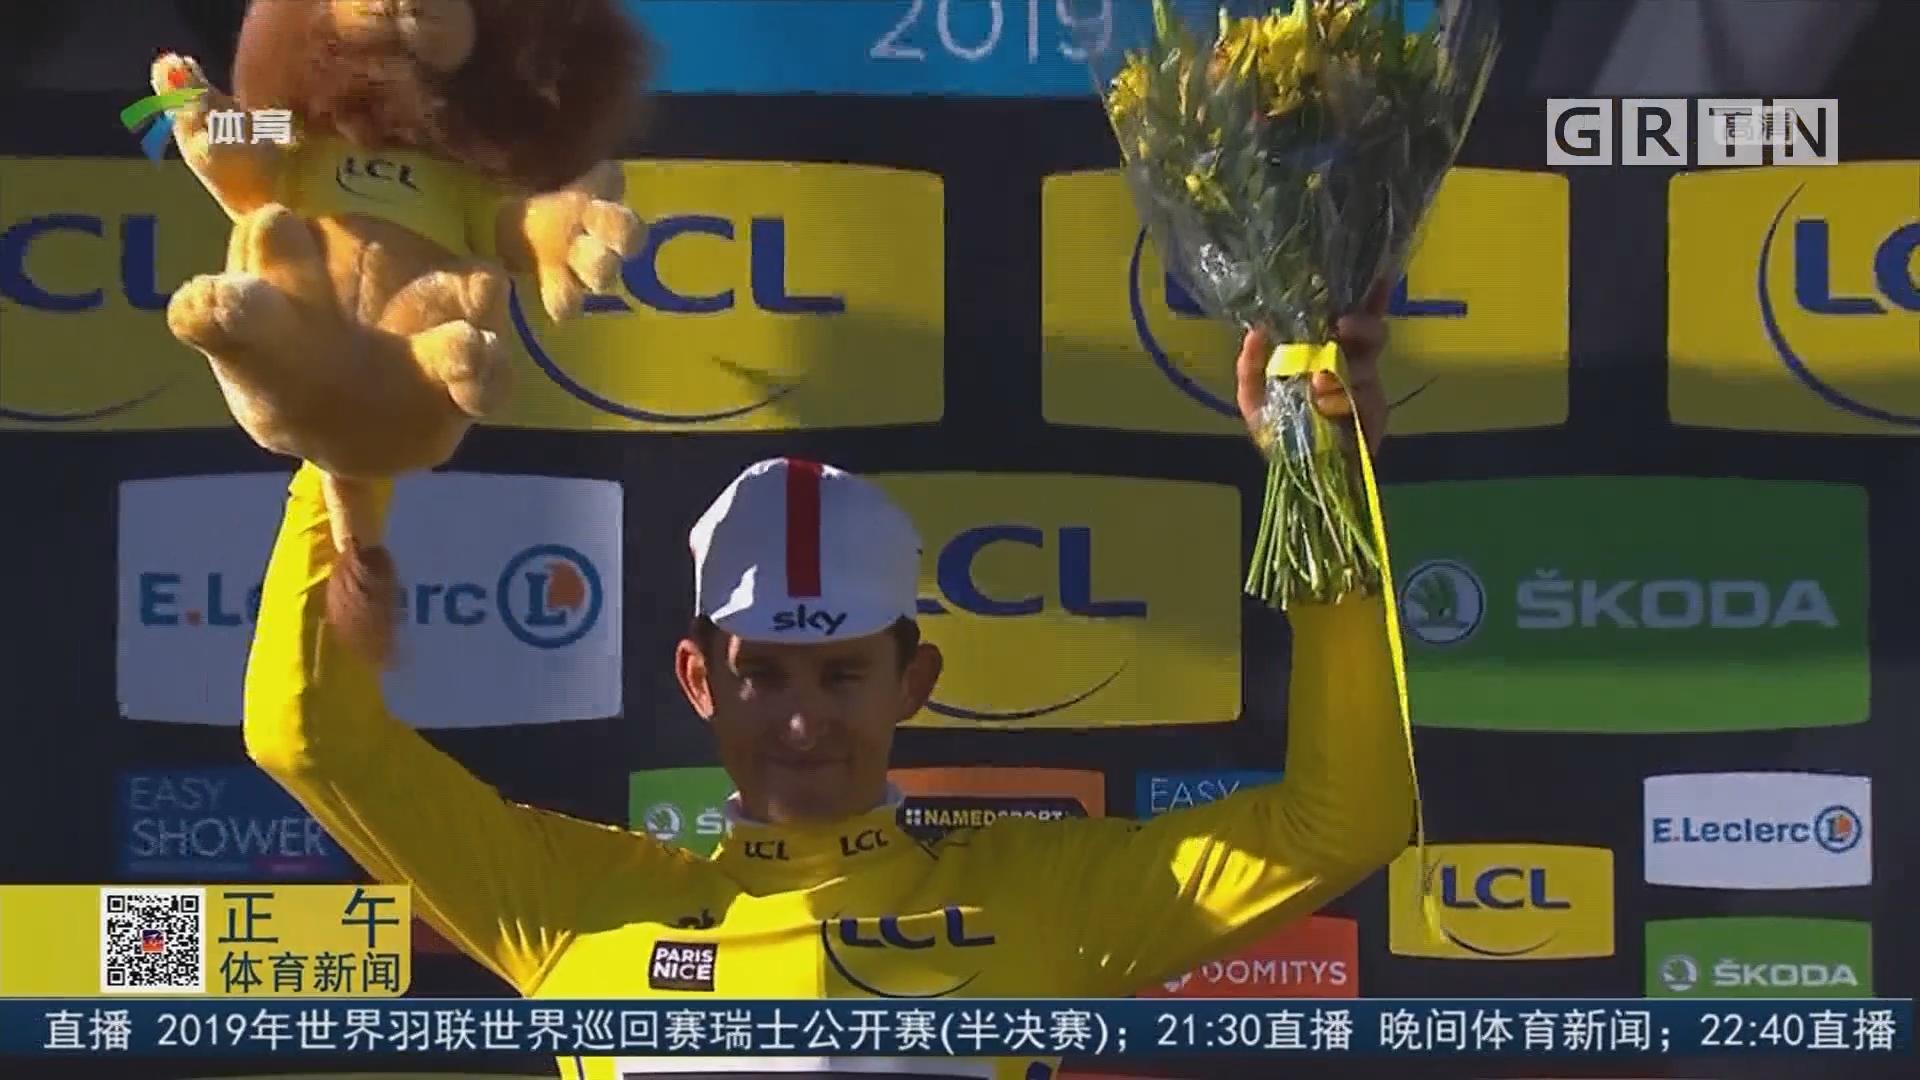 本内特夺得巴黎尼斯赛第六赛段冠军